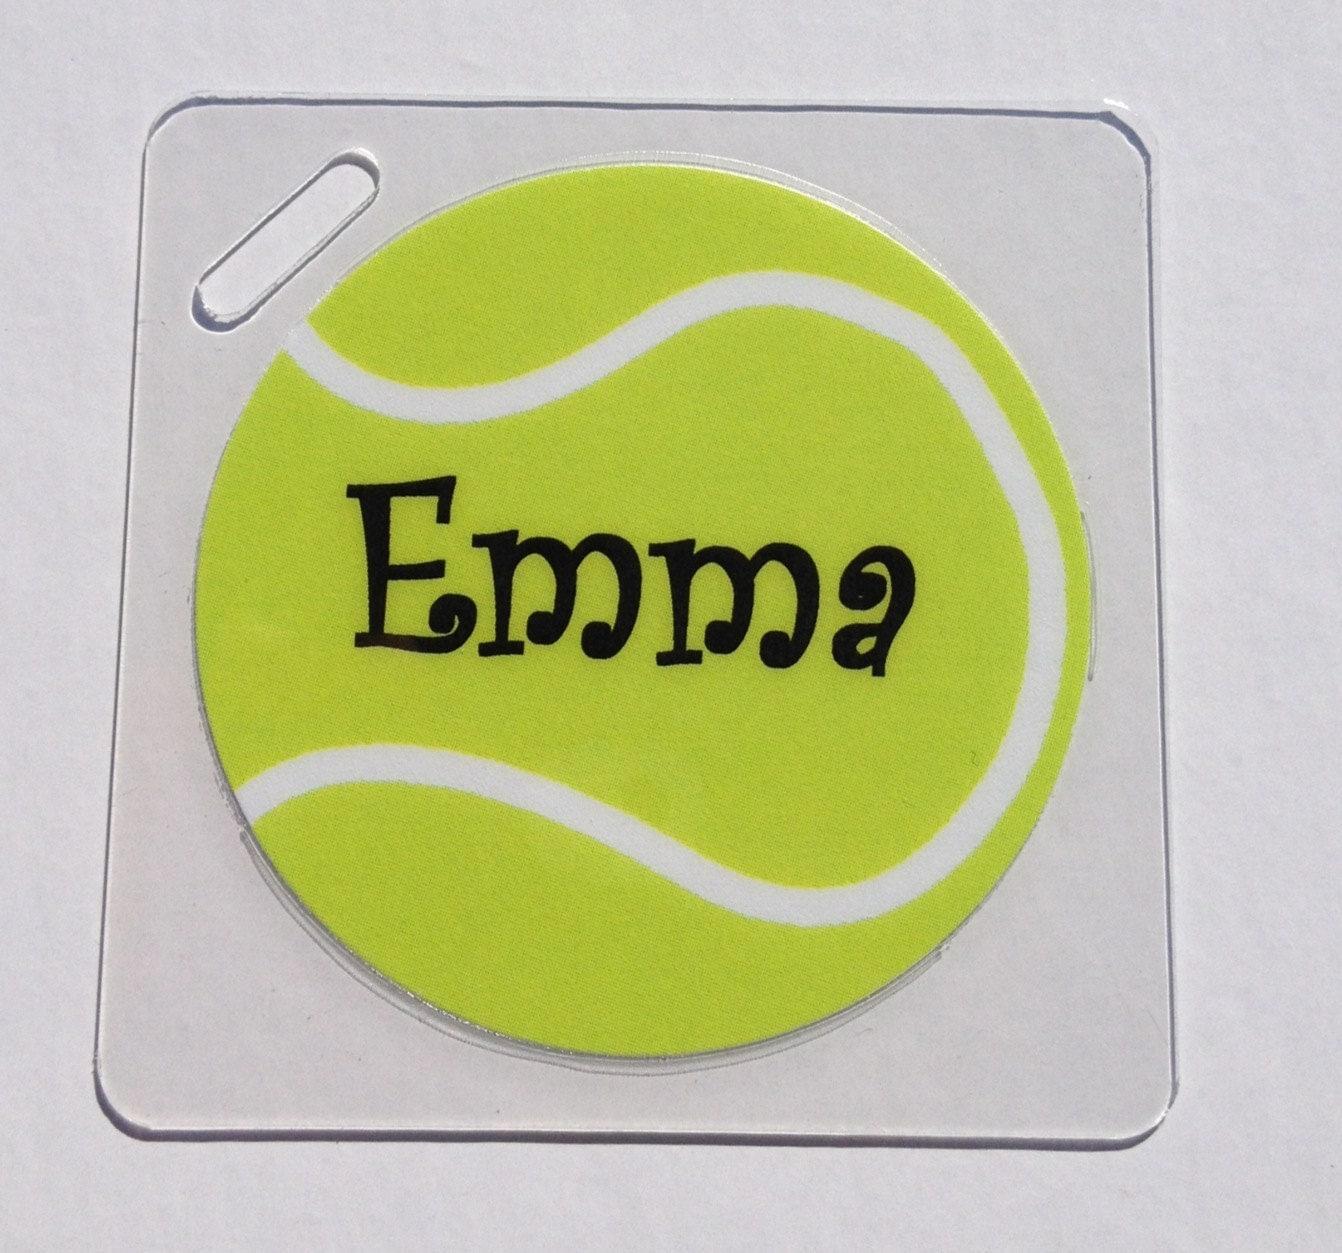 tennis bag tag tennis name tag kids bag tag tennis